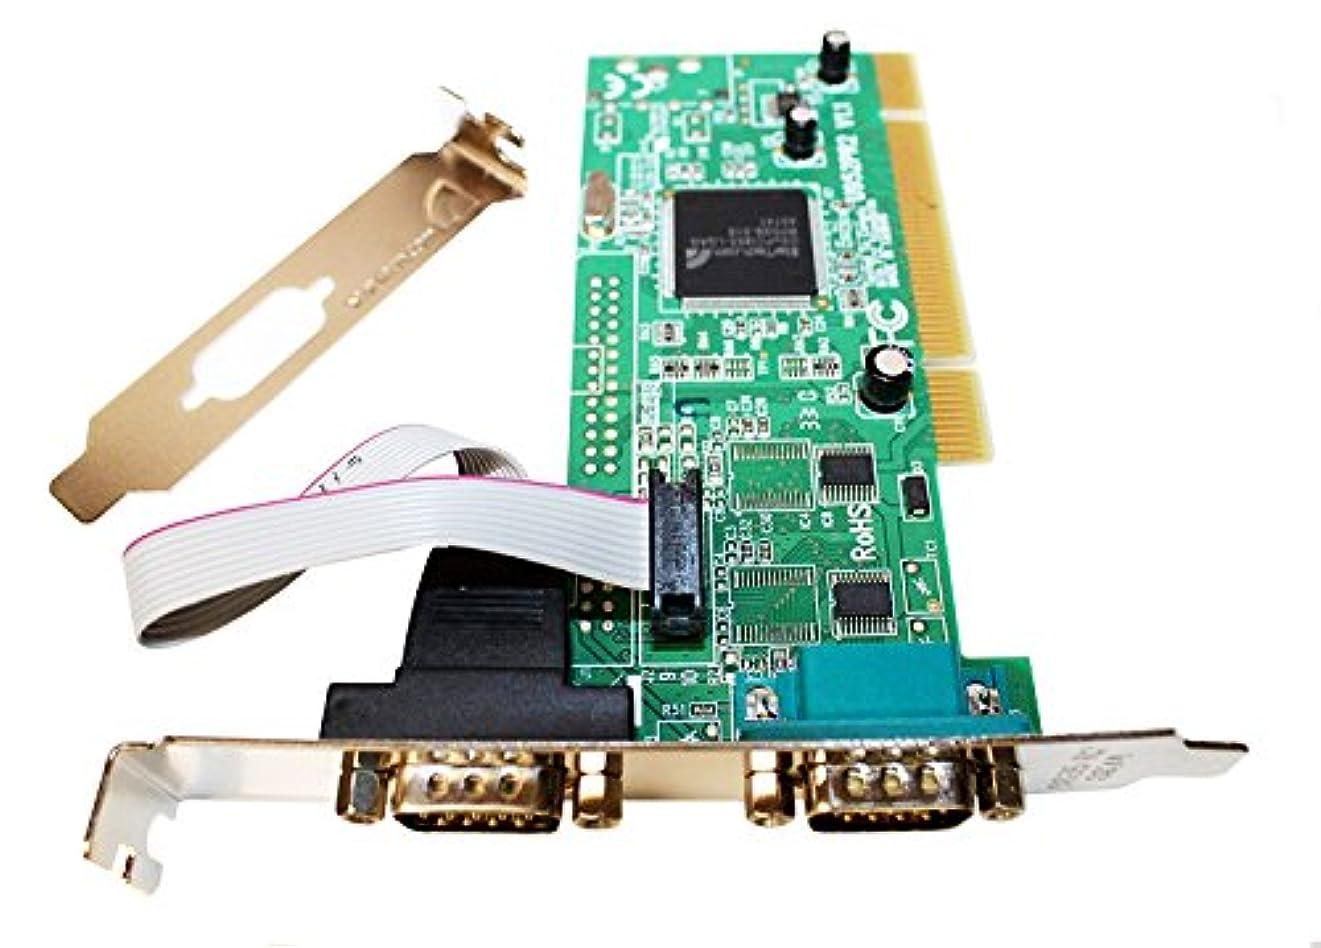 ダイジェストできない猟犬rocketbus pci2s950dv 2 - Port PCI rs232シリアルアダプタ16950 UARTデスクトップコンピュータPCカード